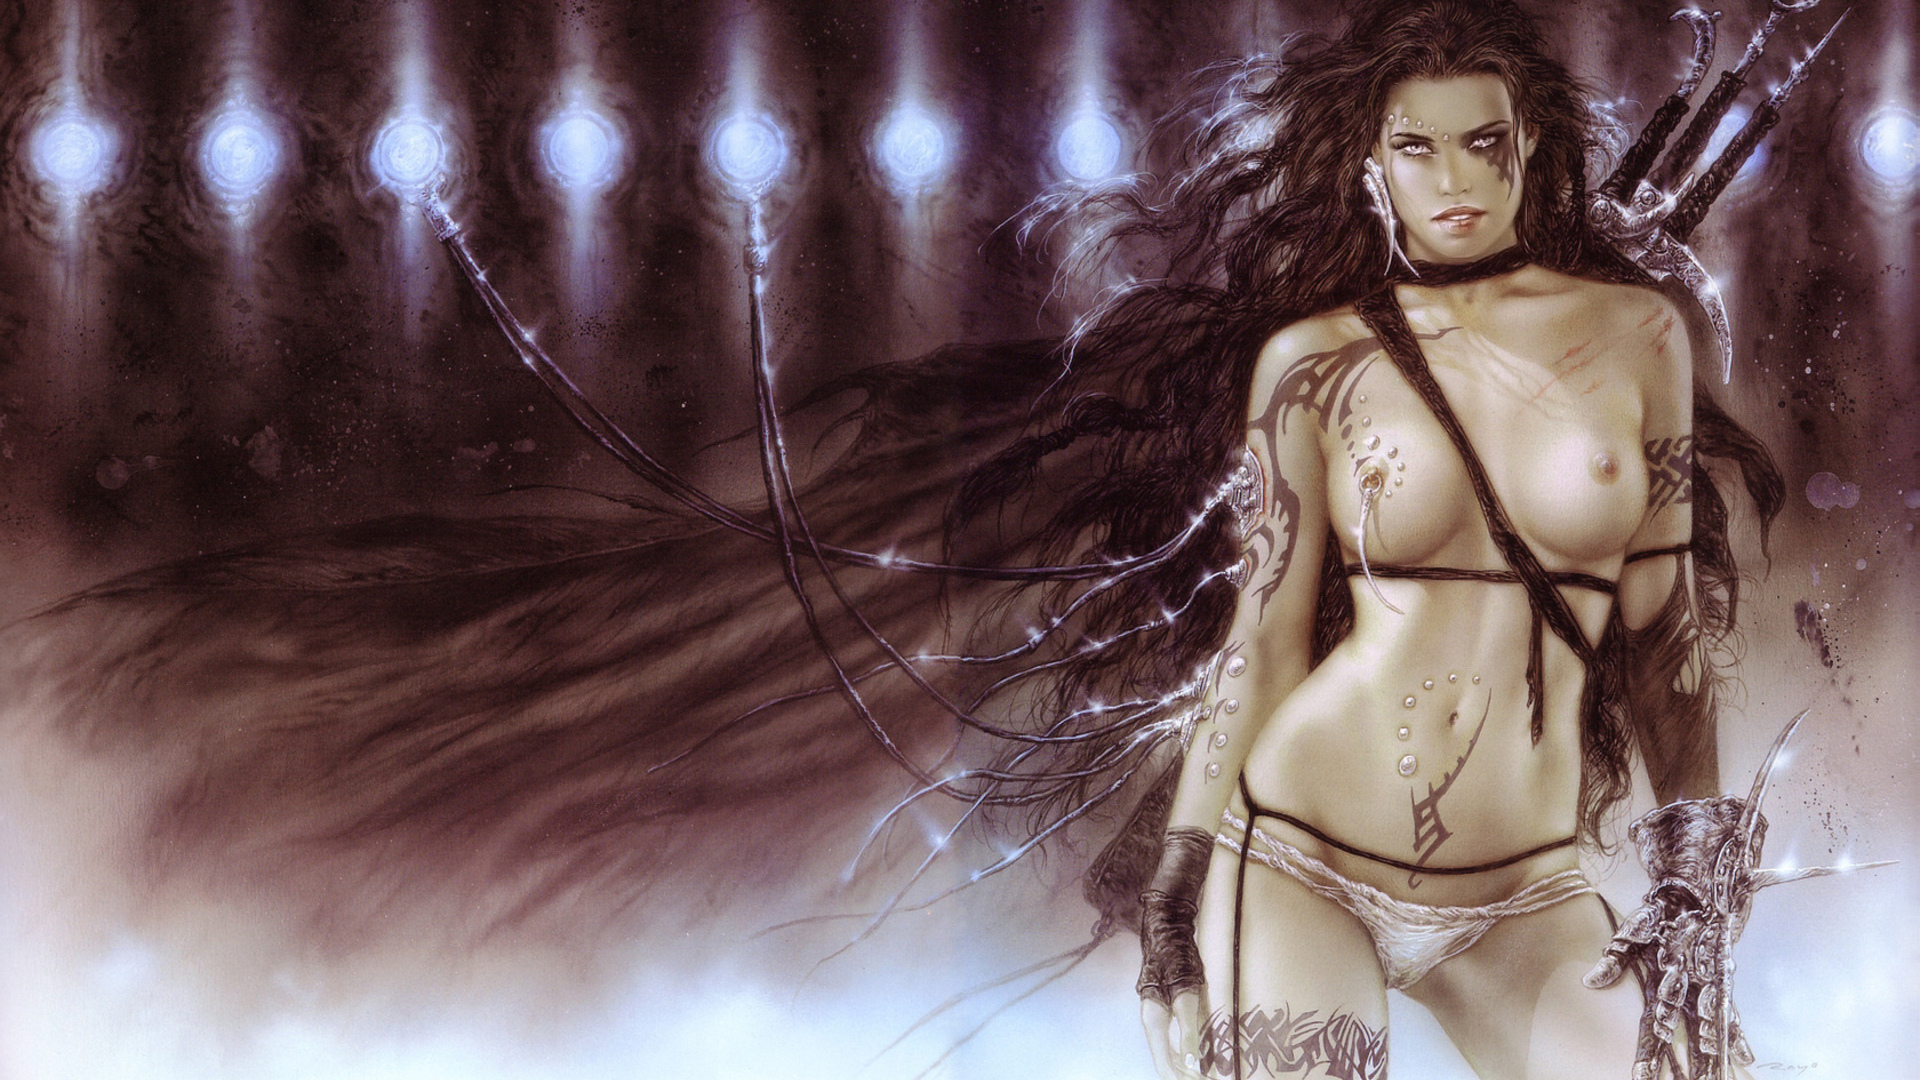 foto-krasivih-devushek-fentezi-eroticheskie